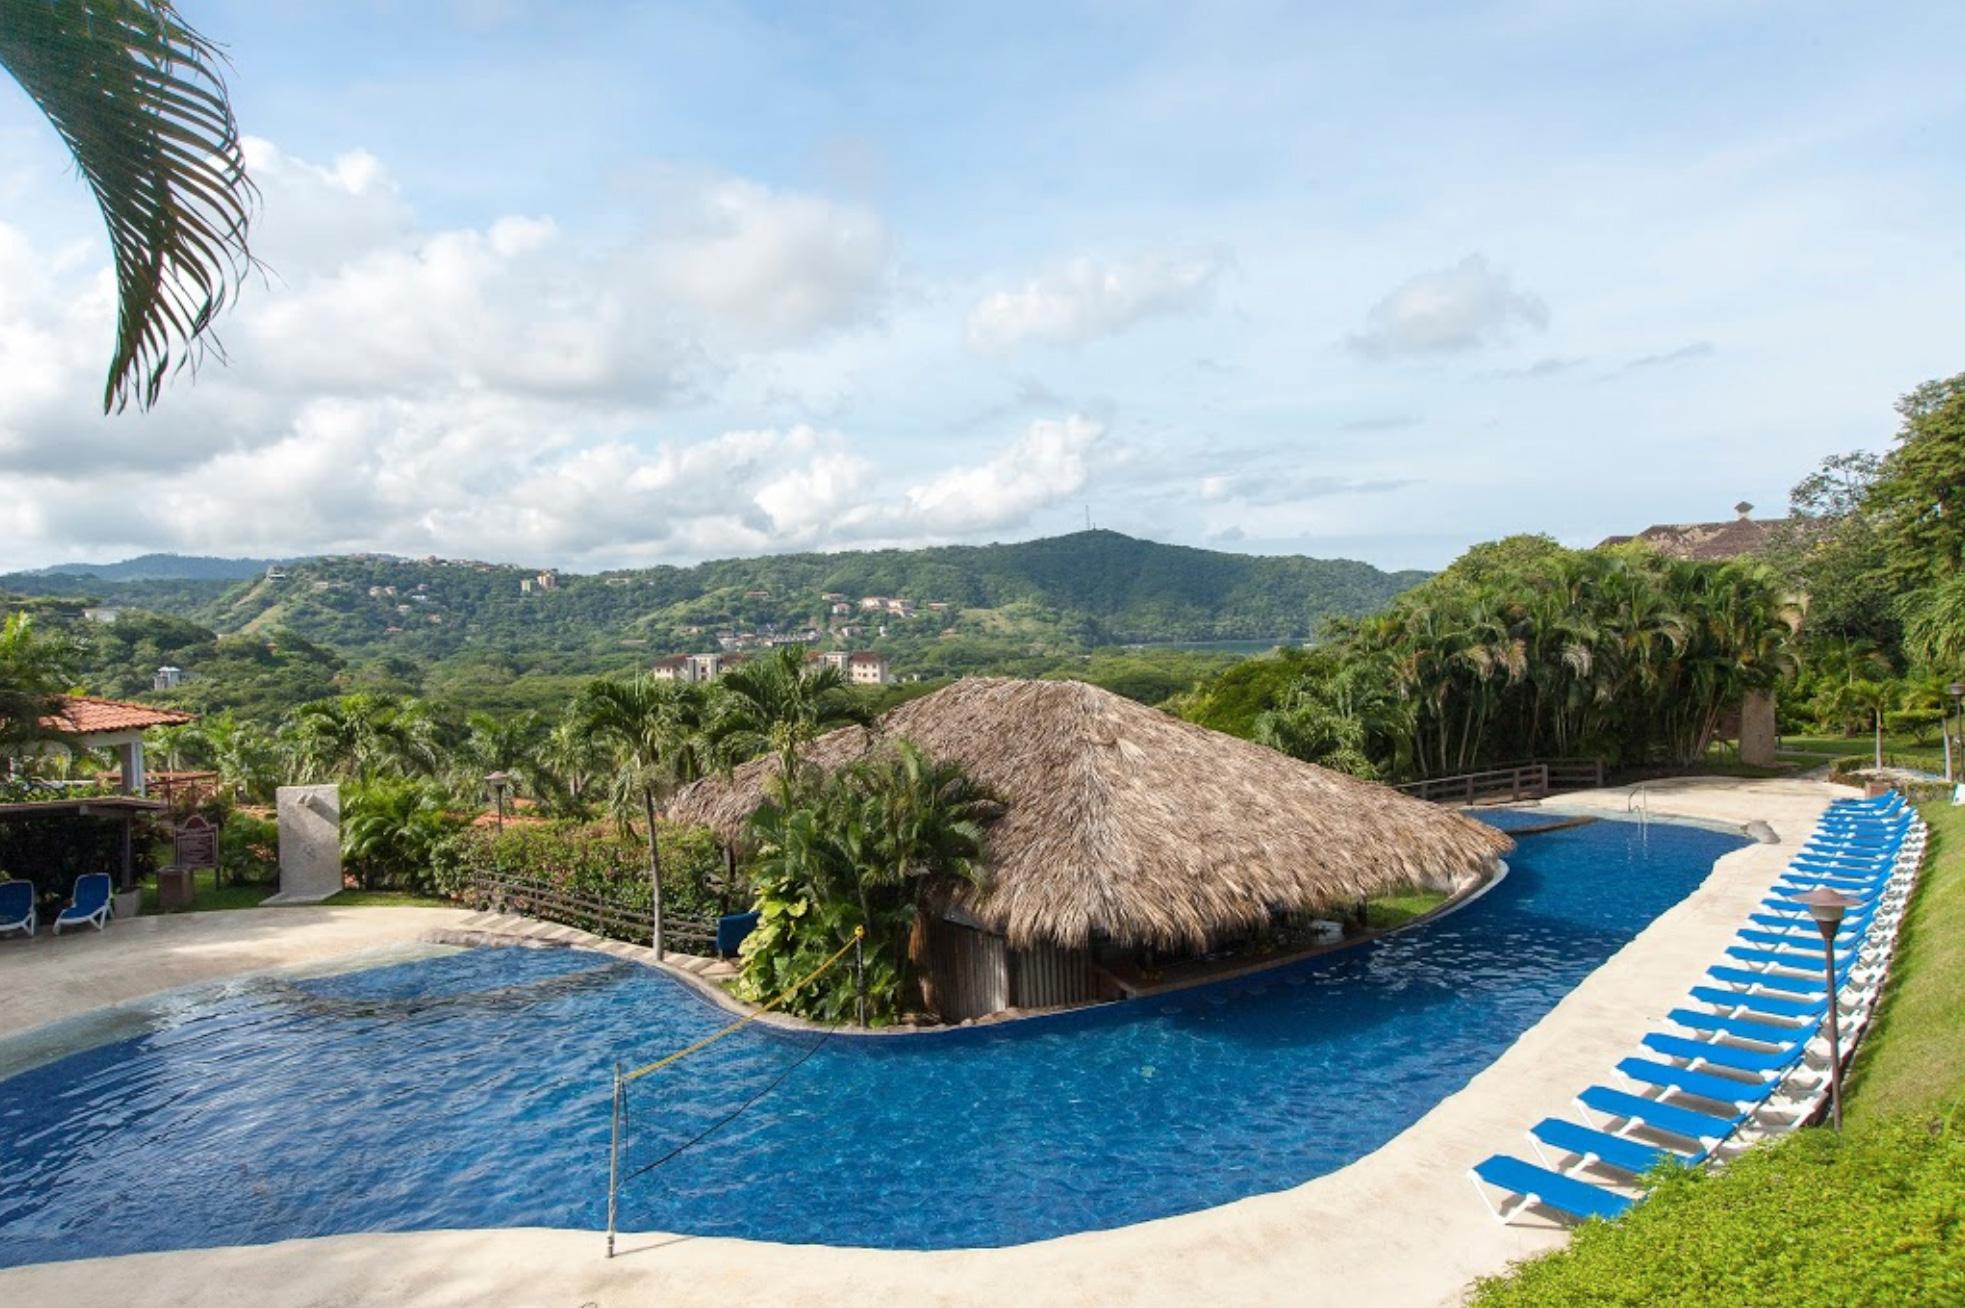 10 luxury costa rica villas route4us for Luxury villa costa rica